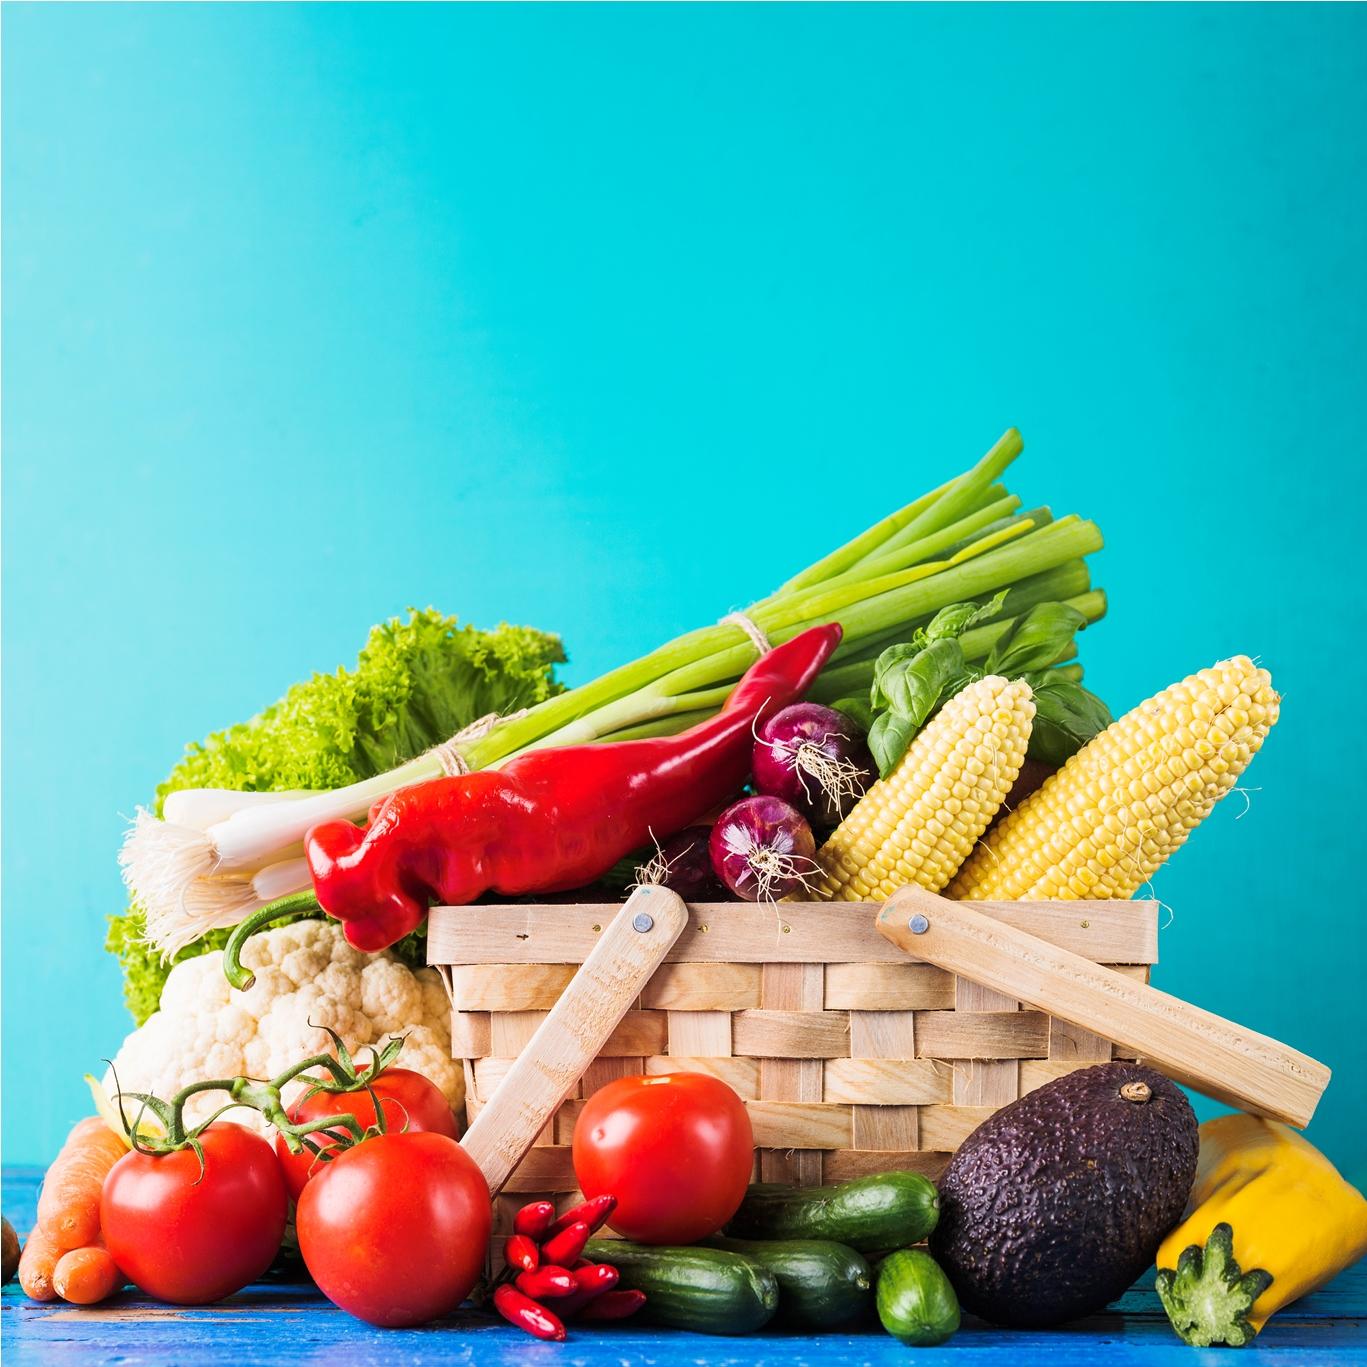 Hari Gizi dan Makanan : Mengetahui Gizi Seimbang